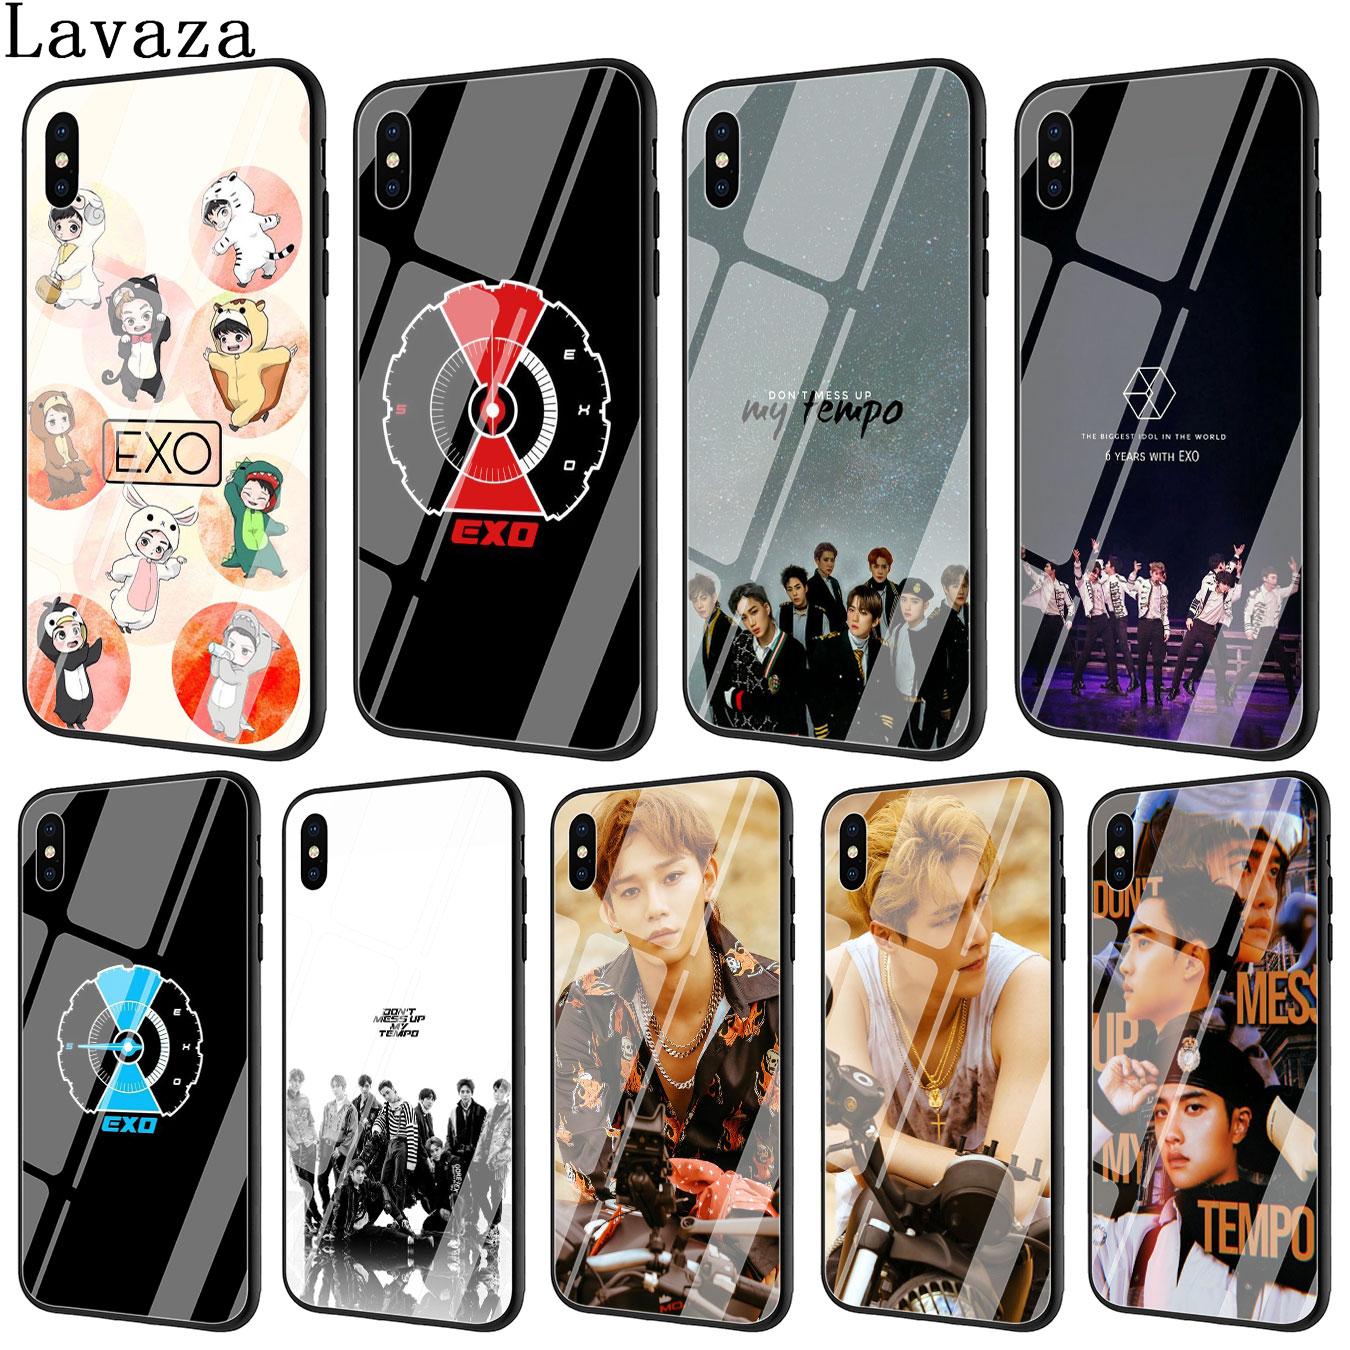 Lavaza EXO 5 no estropear mi Tempo de templado de vidrio de caso de la cubierta del teléfono para Apple iPhone XR X XS X máx. 6S 6 7 8 Plus 5 5S SE 10